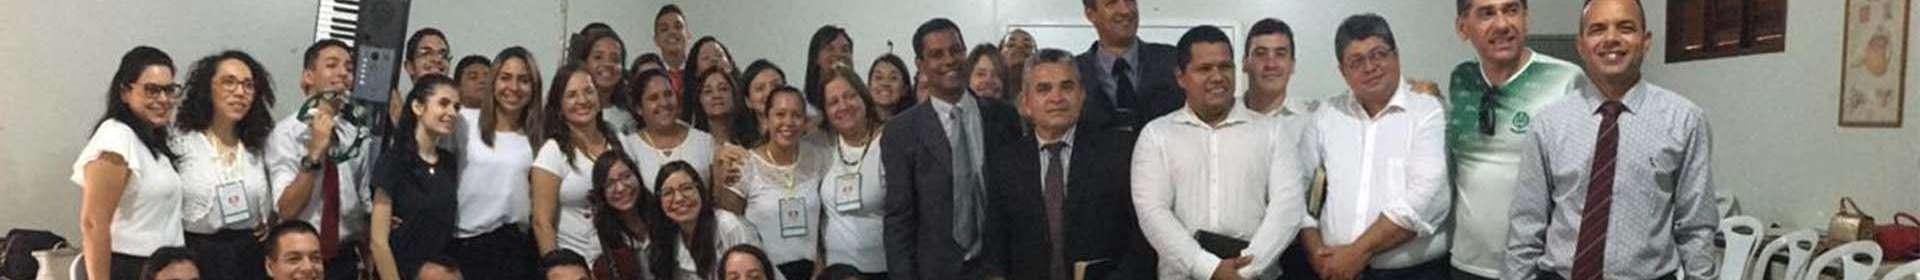 Instituto de Cegos no Ceará recebe membros da Igreja Cristã Maranata para culto evangelístico